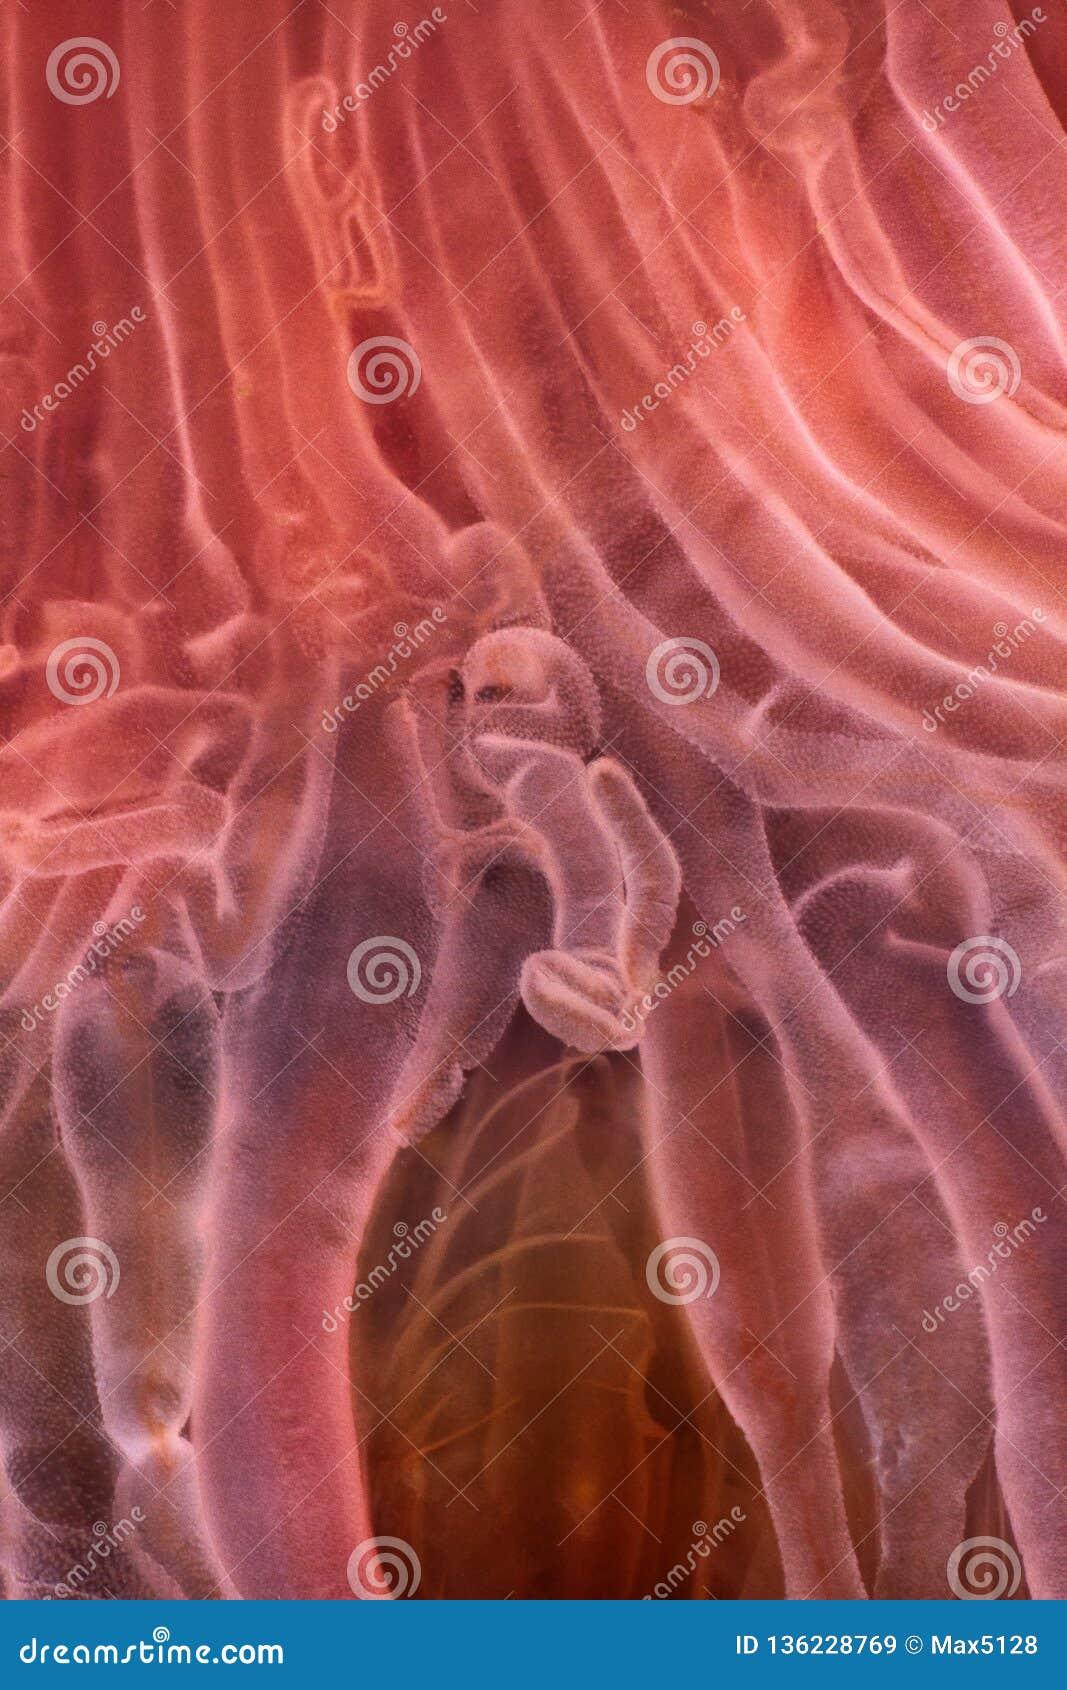 jellyfish macro structure